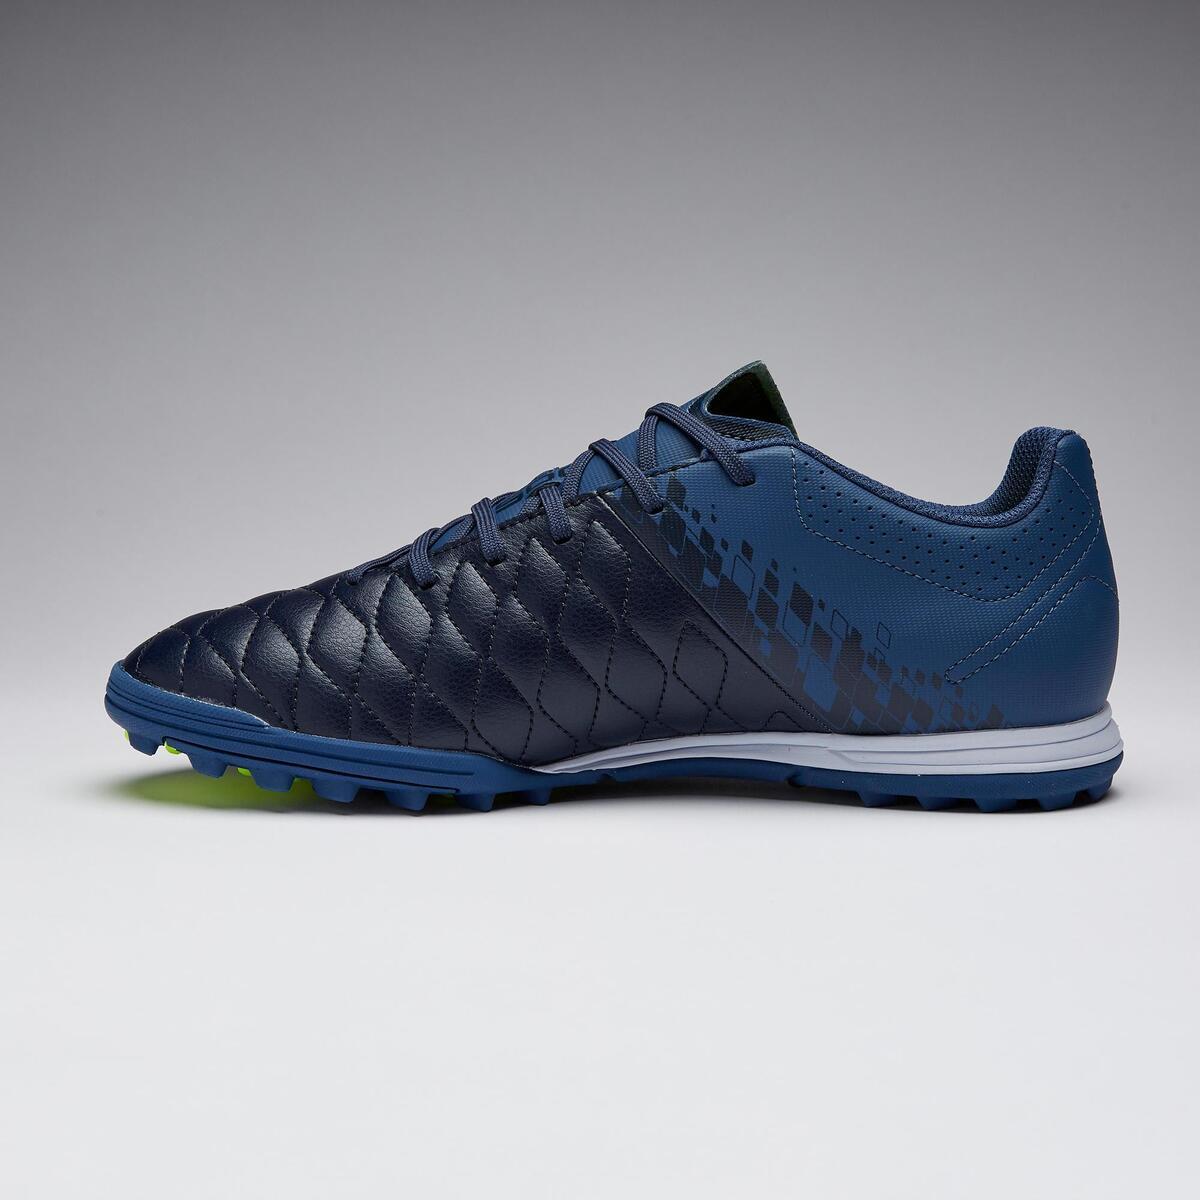 Bild 3 von Fußballschuhe Multinocken Agility 500 HG Erwachsene blau